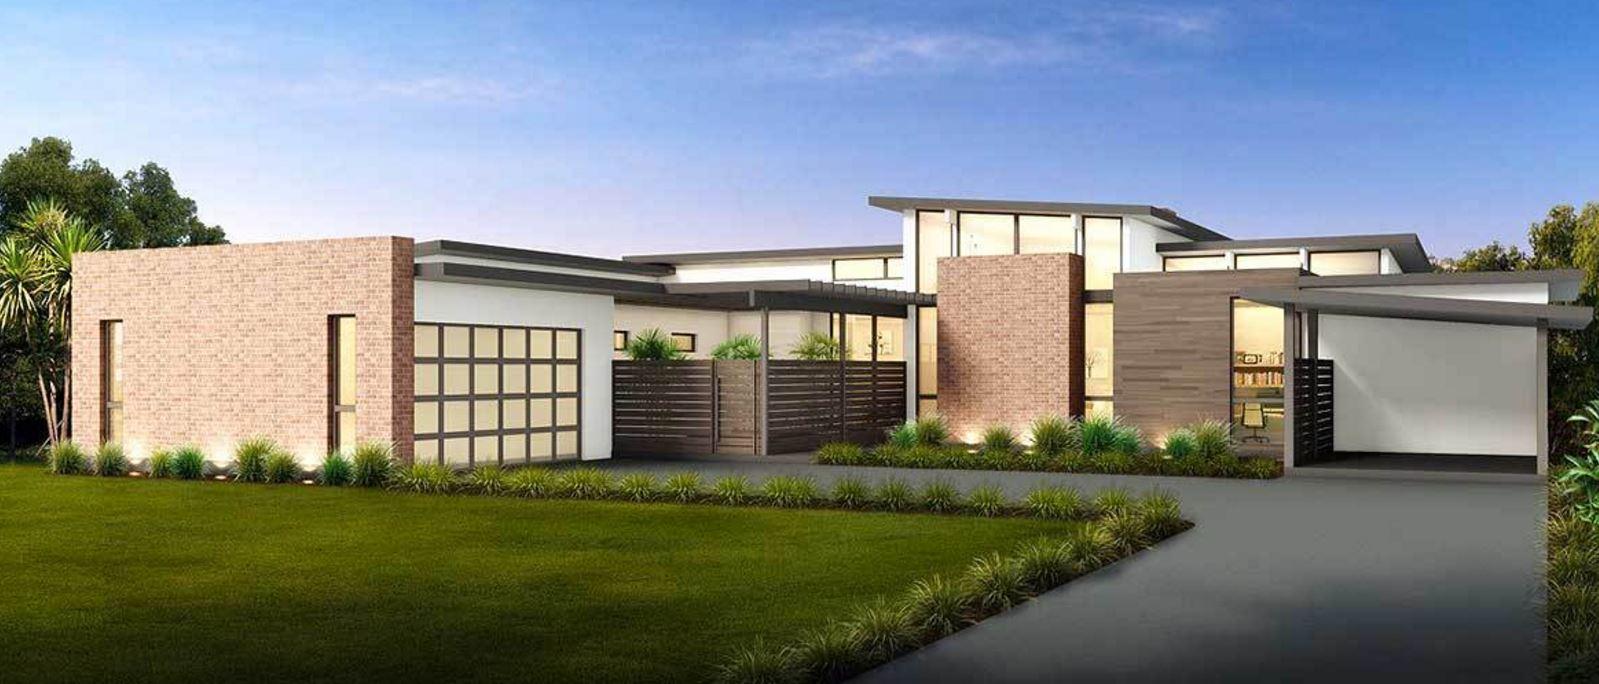 Casas modernas de una sola planta for Viviendas modernas de una planta